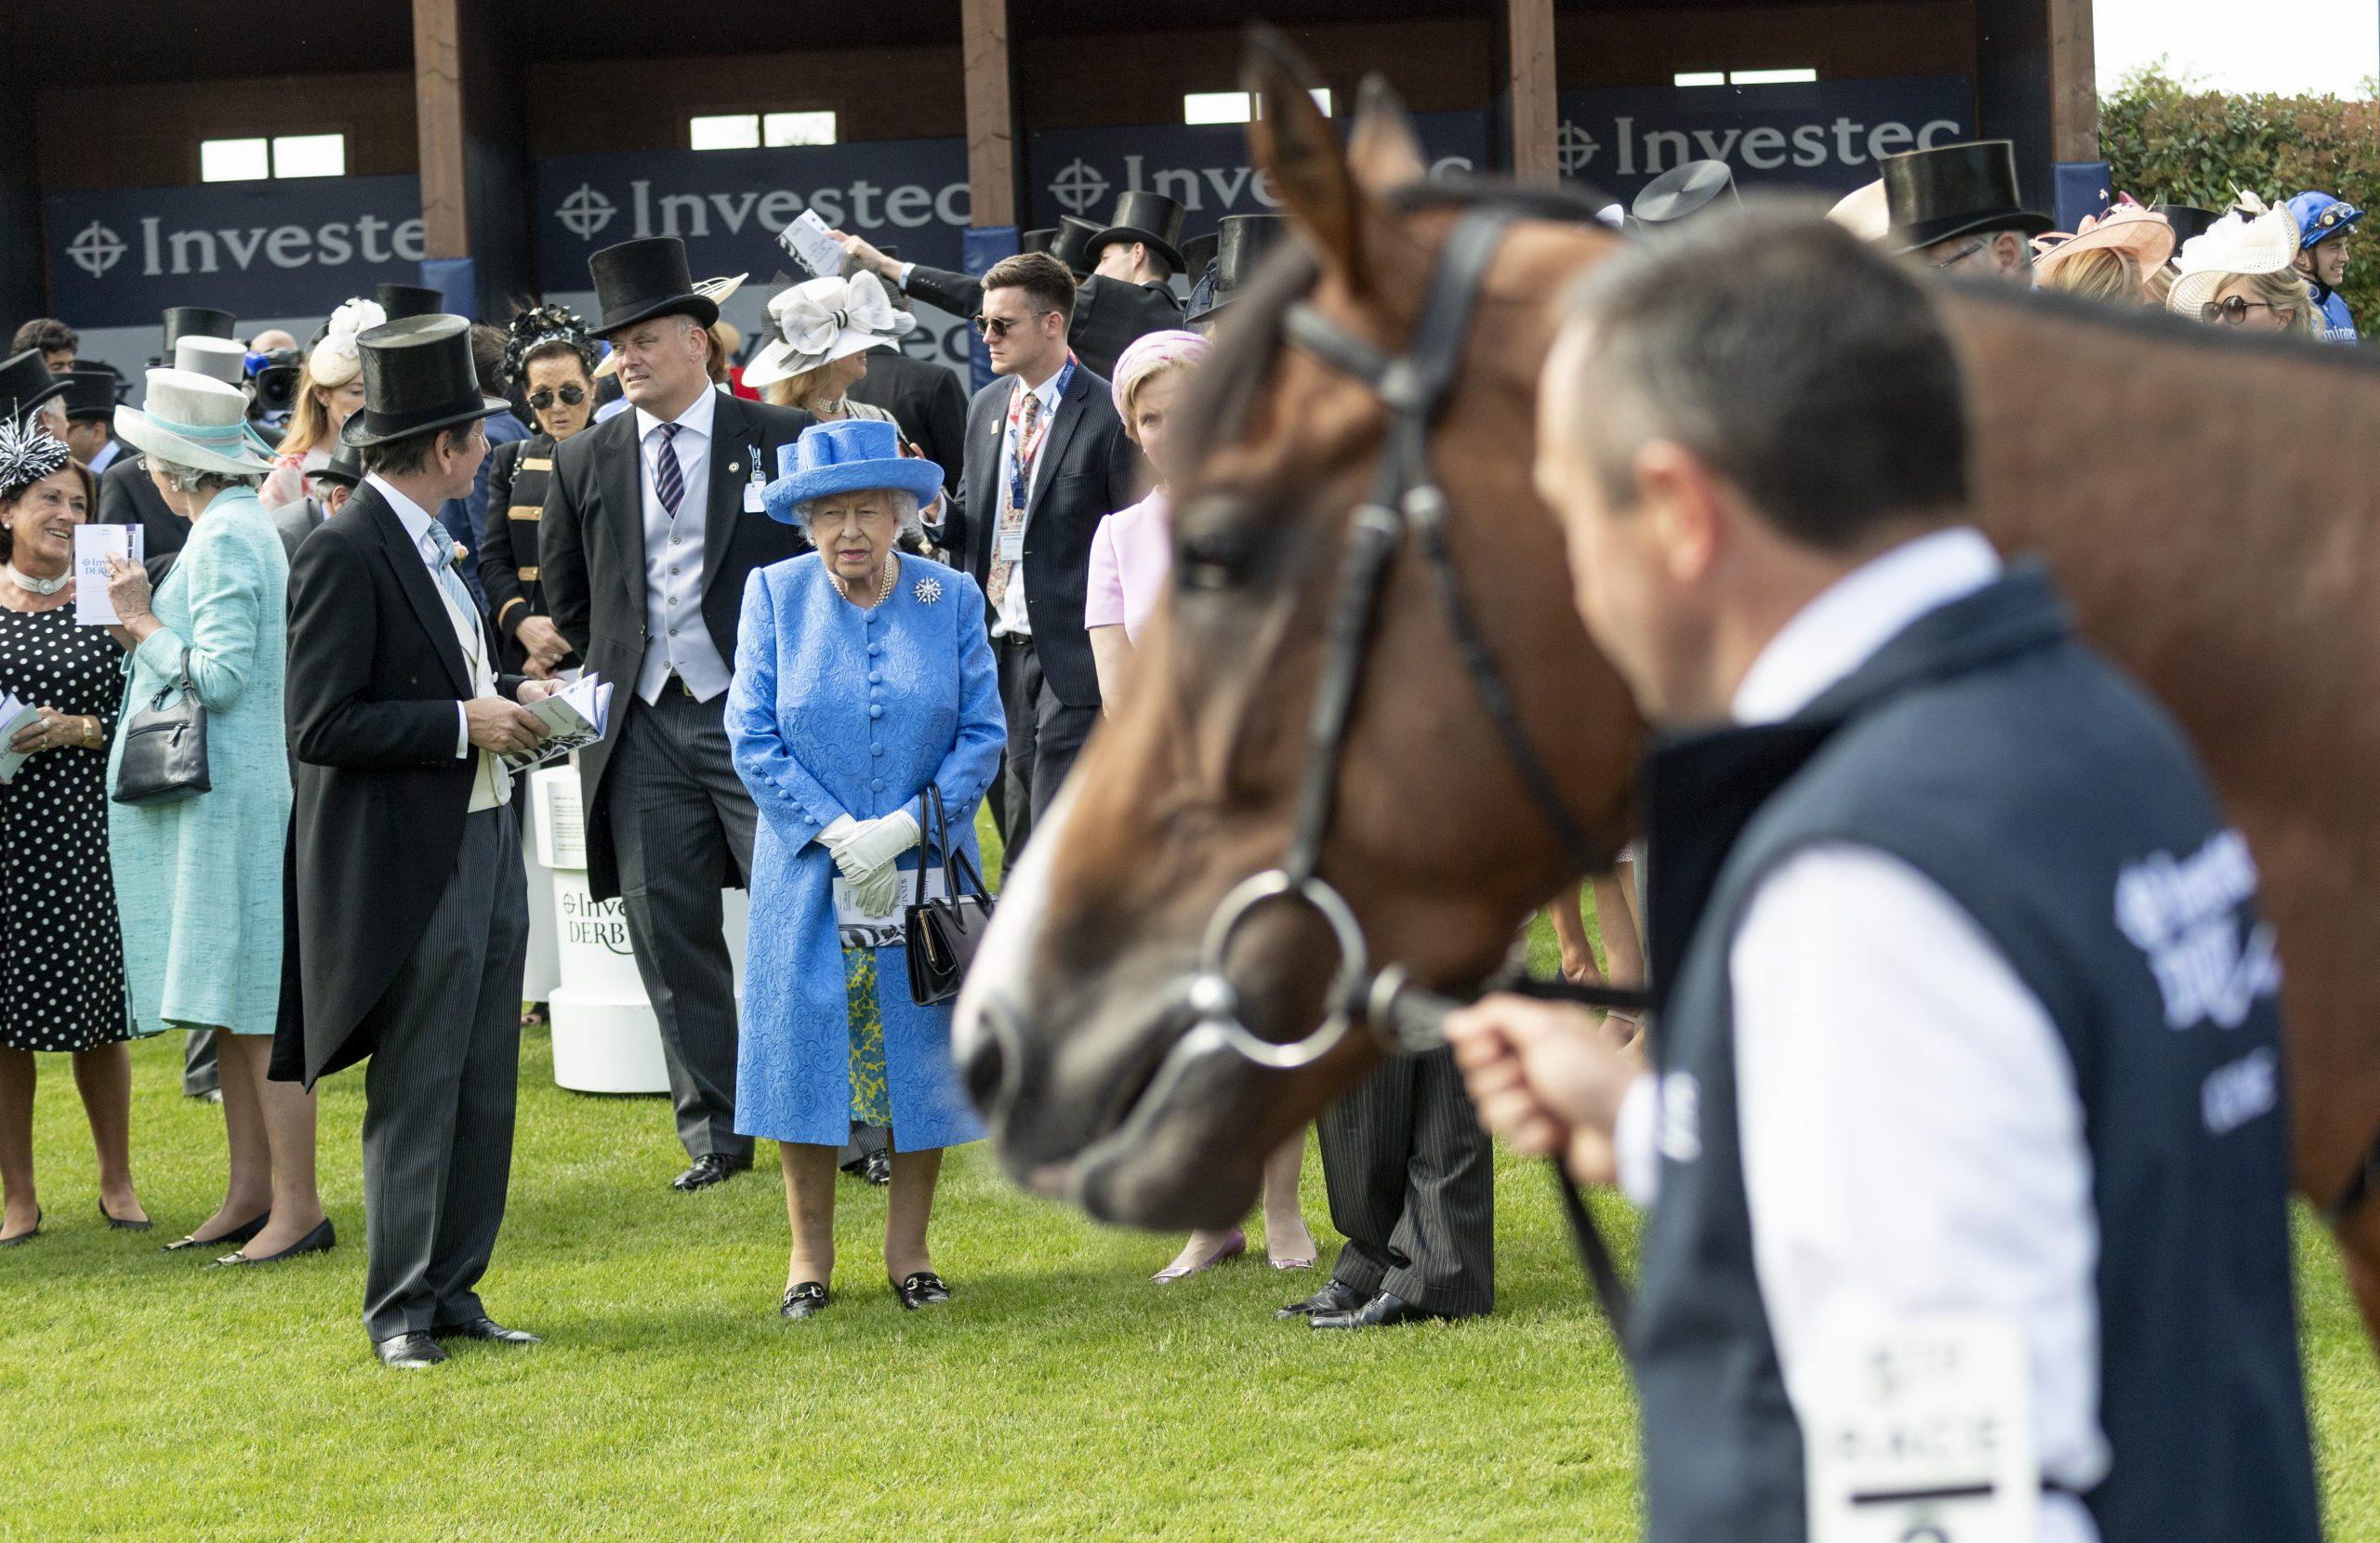 Jour férié du jubilé de platine de la Reine, la Reine, le Derby d'Epsom Downs.